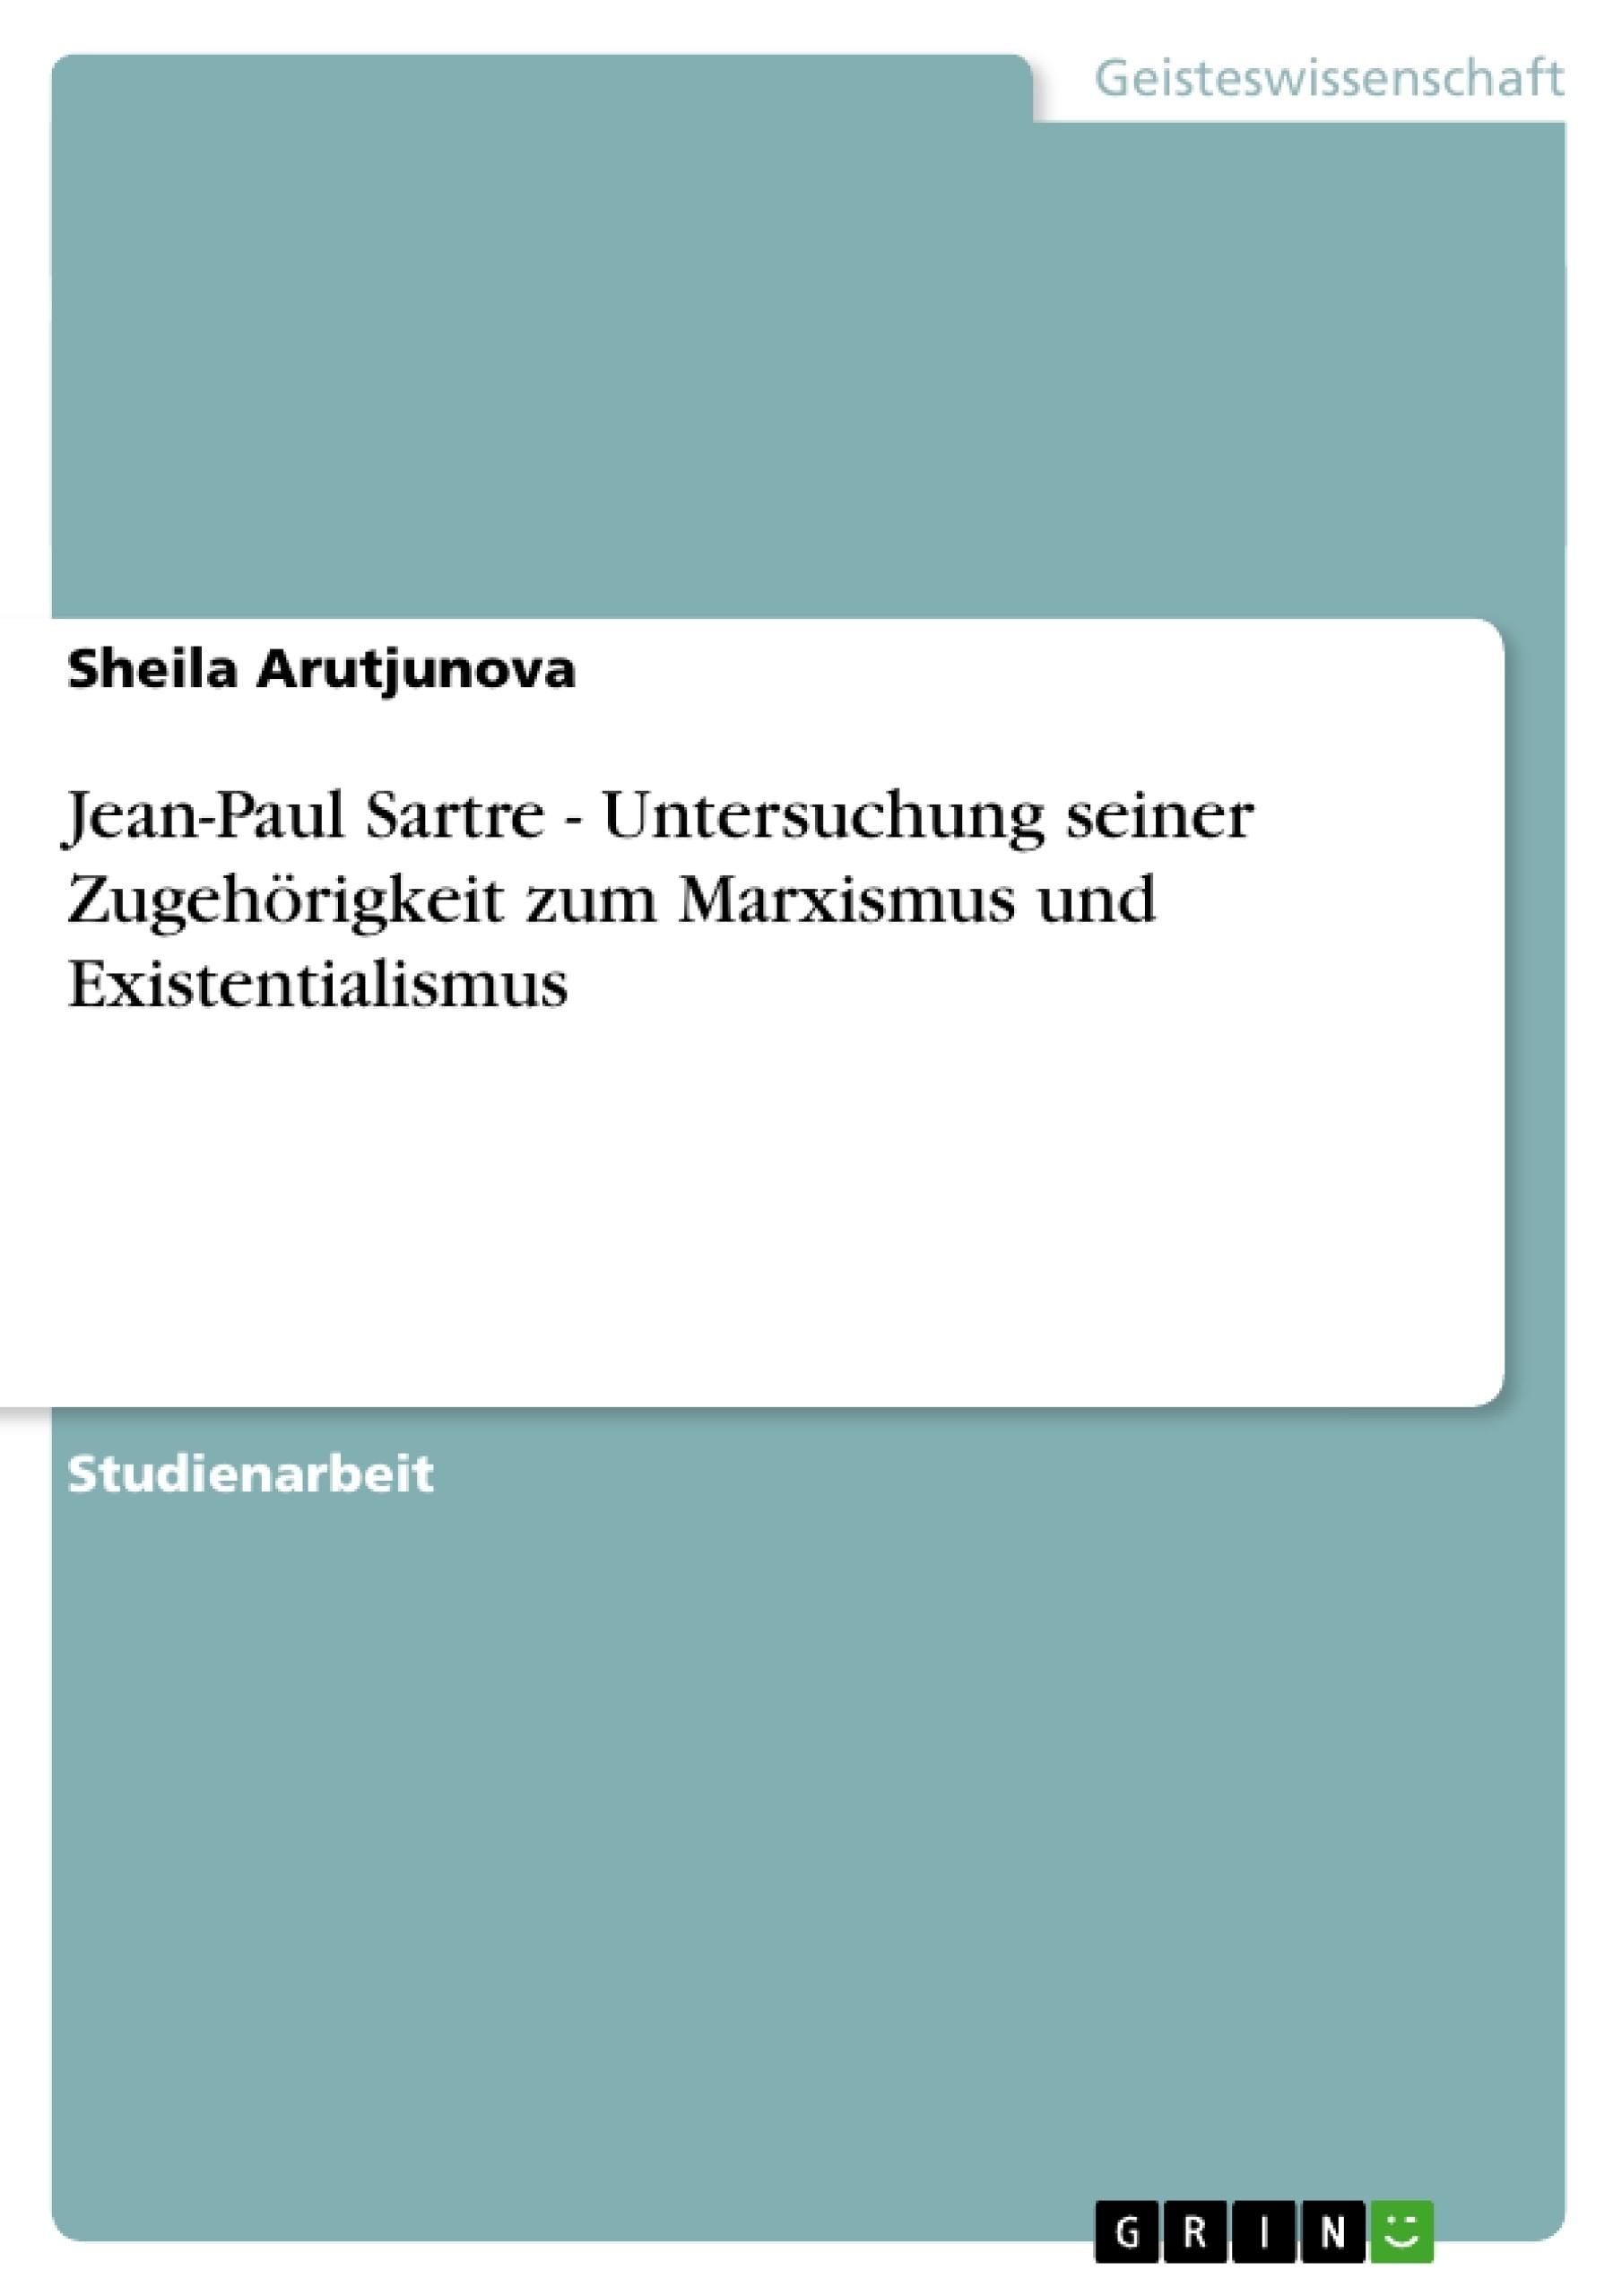 Titel: Jean-Paul Sartre - Untersuchung seiner Zugehörigkeit zum Marxismus und Existentialismus